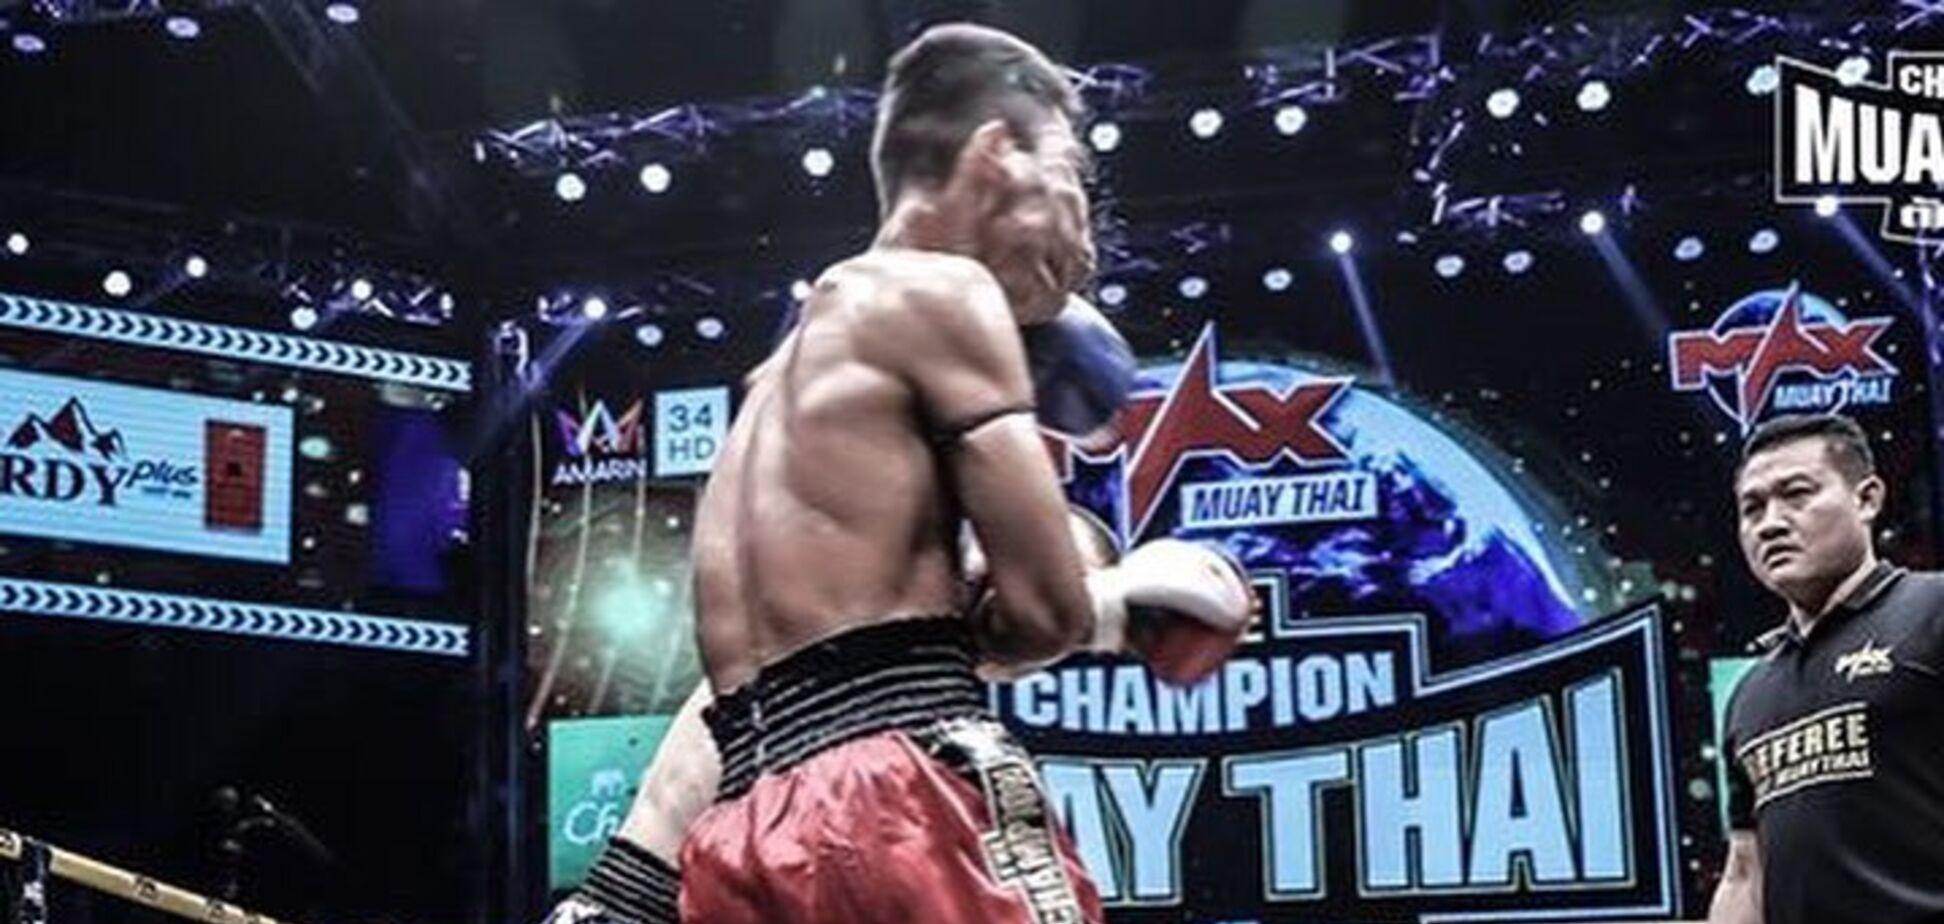 Украинский боксер отправил соперника в брутальный нокаут — опубликовано видео